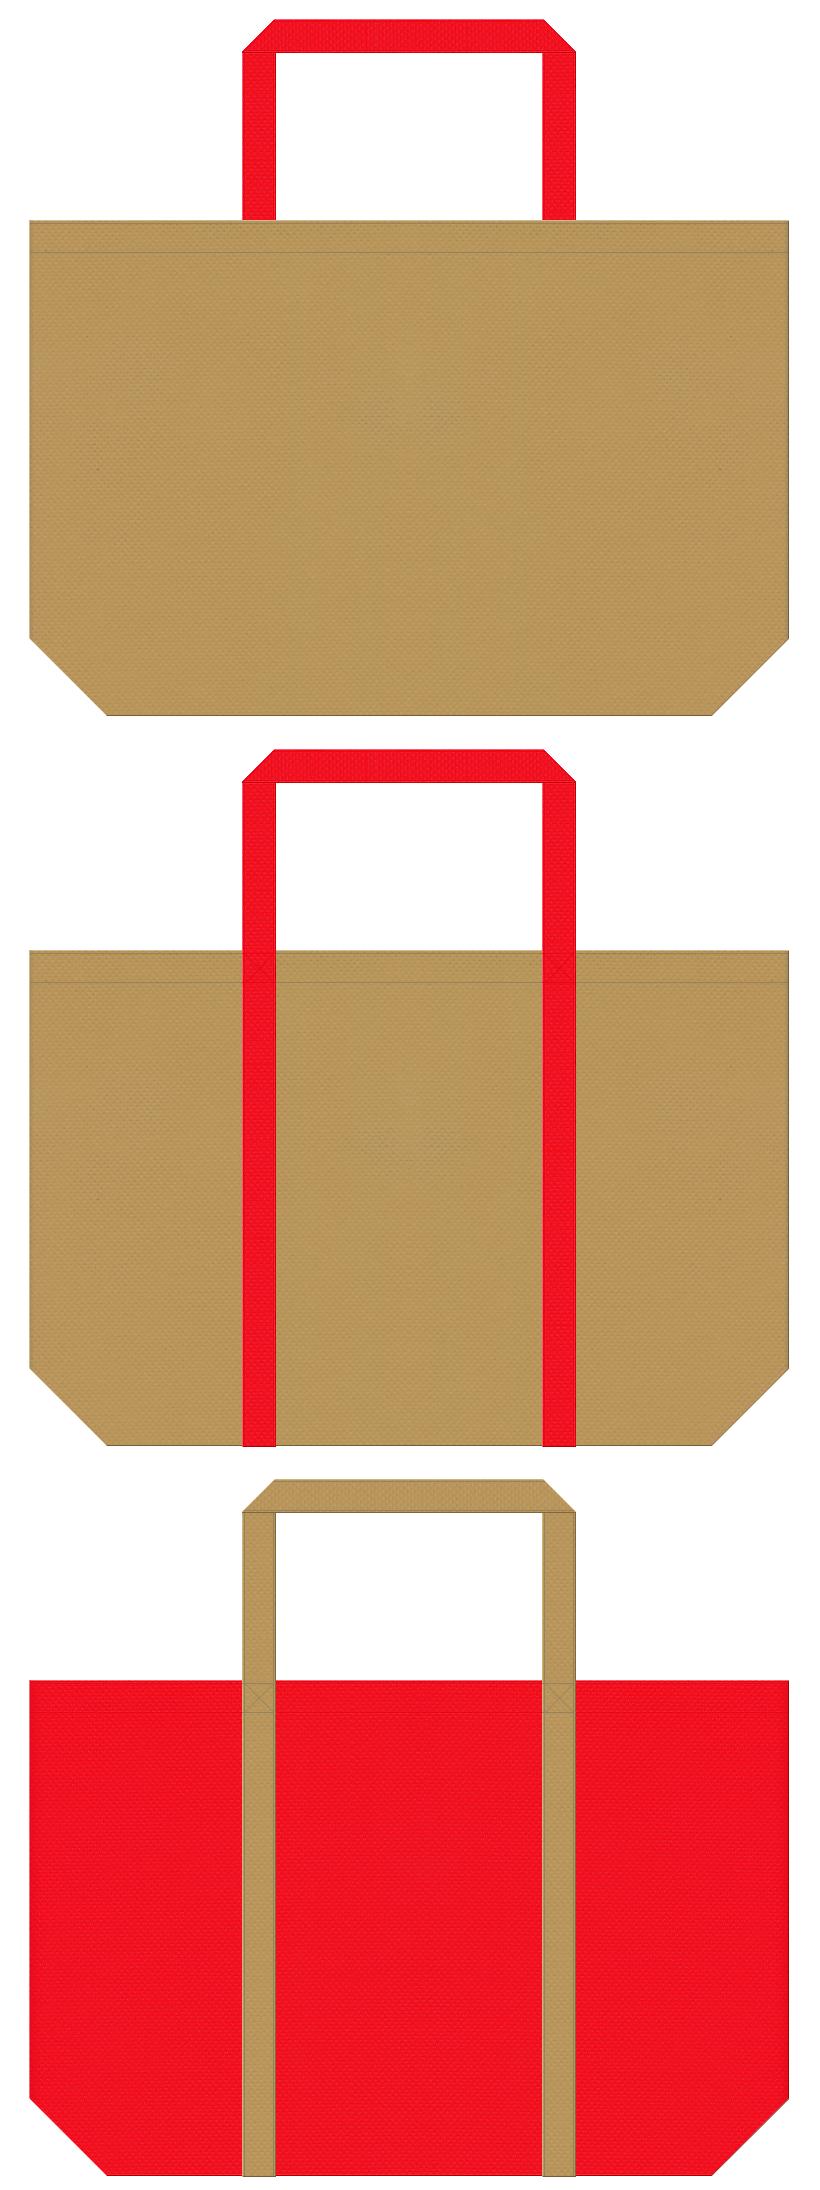 赤鬼・大豆・一合枡・節分用品のショッピングバッグにお奨めの不織布バッグデザイン:マスタード色と赤色のコーデ